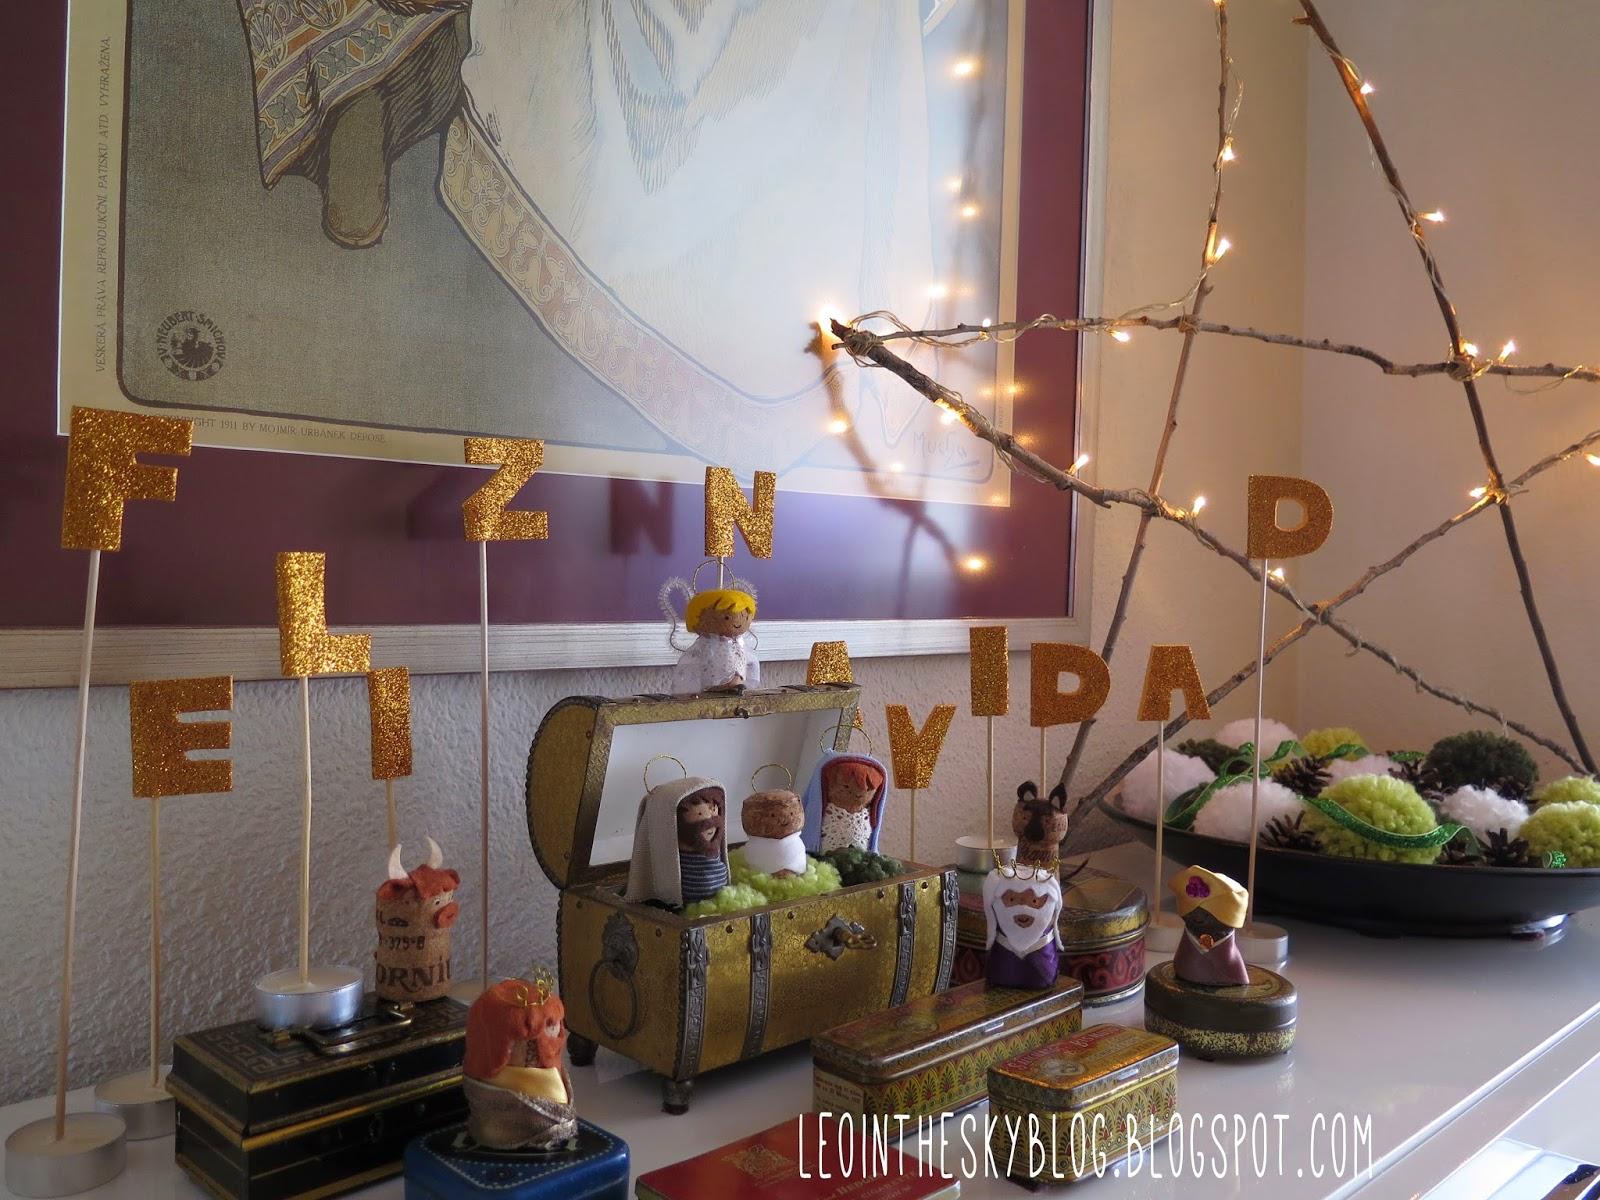 Como decorar cajitas aprender manualidades es - Decorar casa navidad manualidades ...